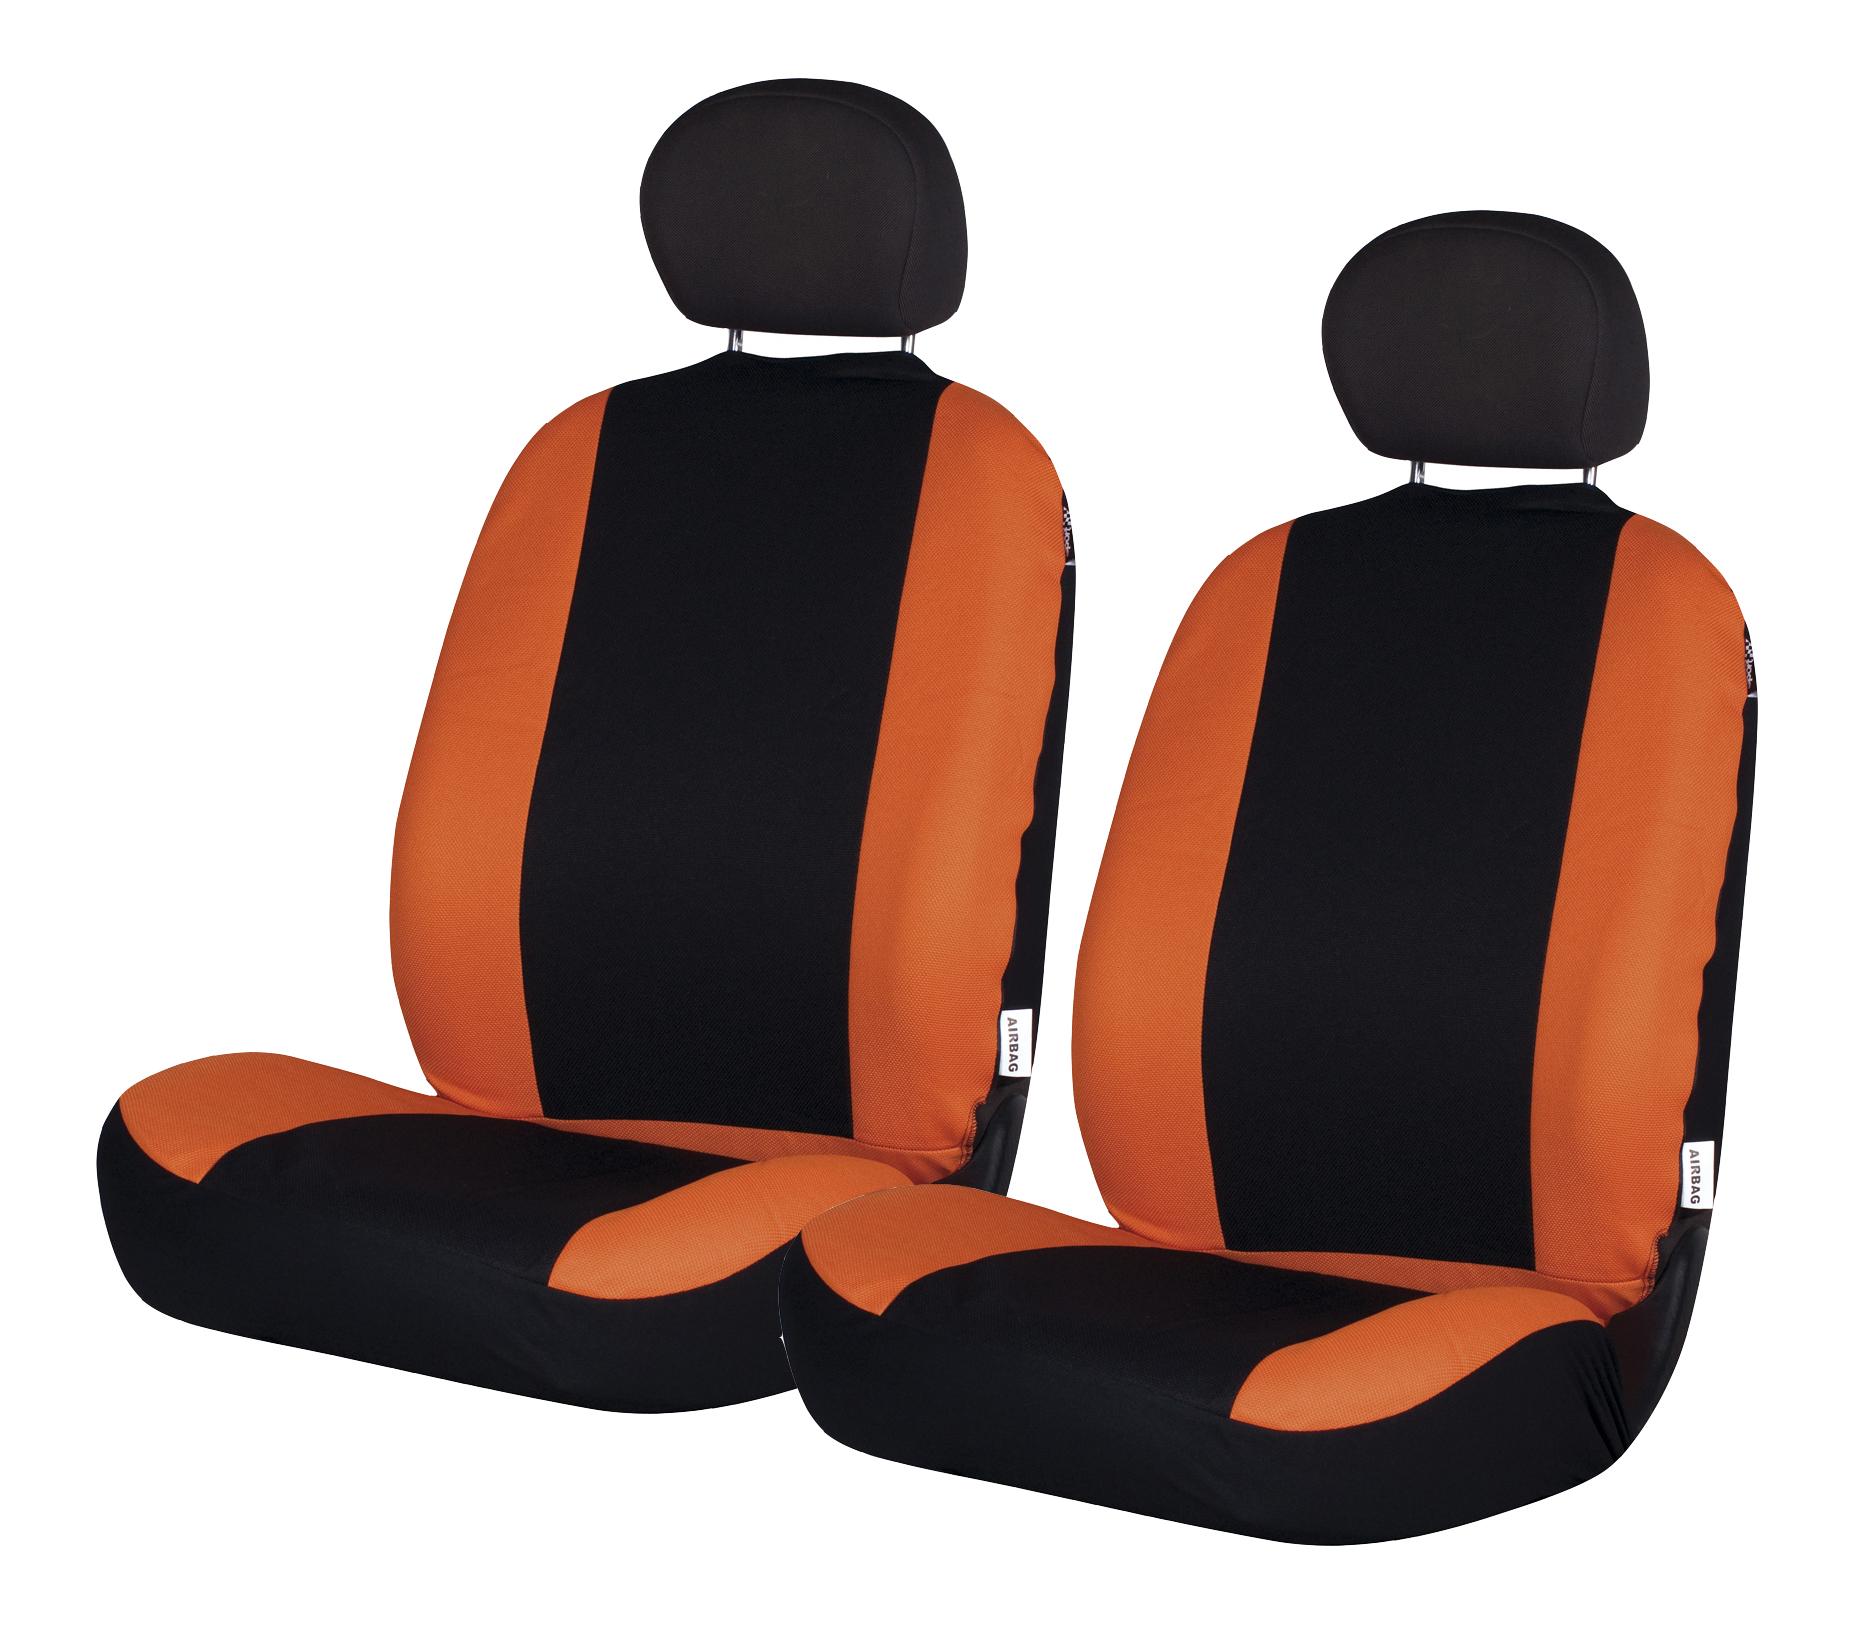 Funda asientos delanteros Road